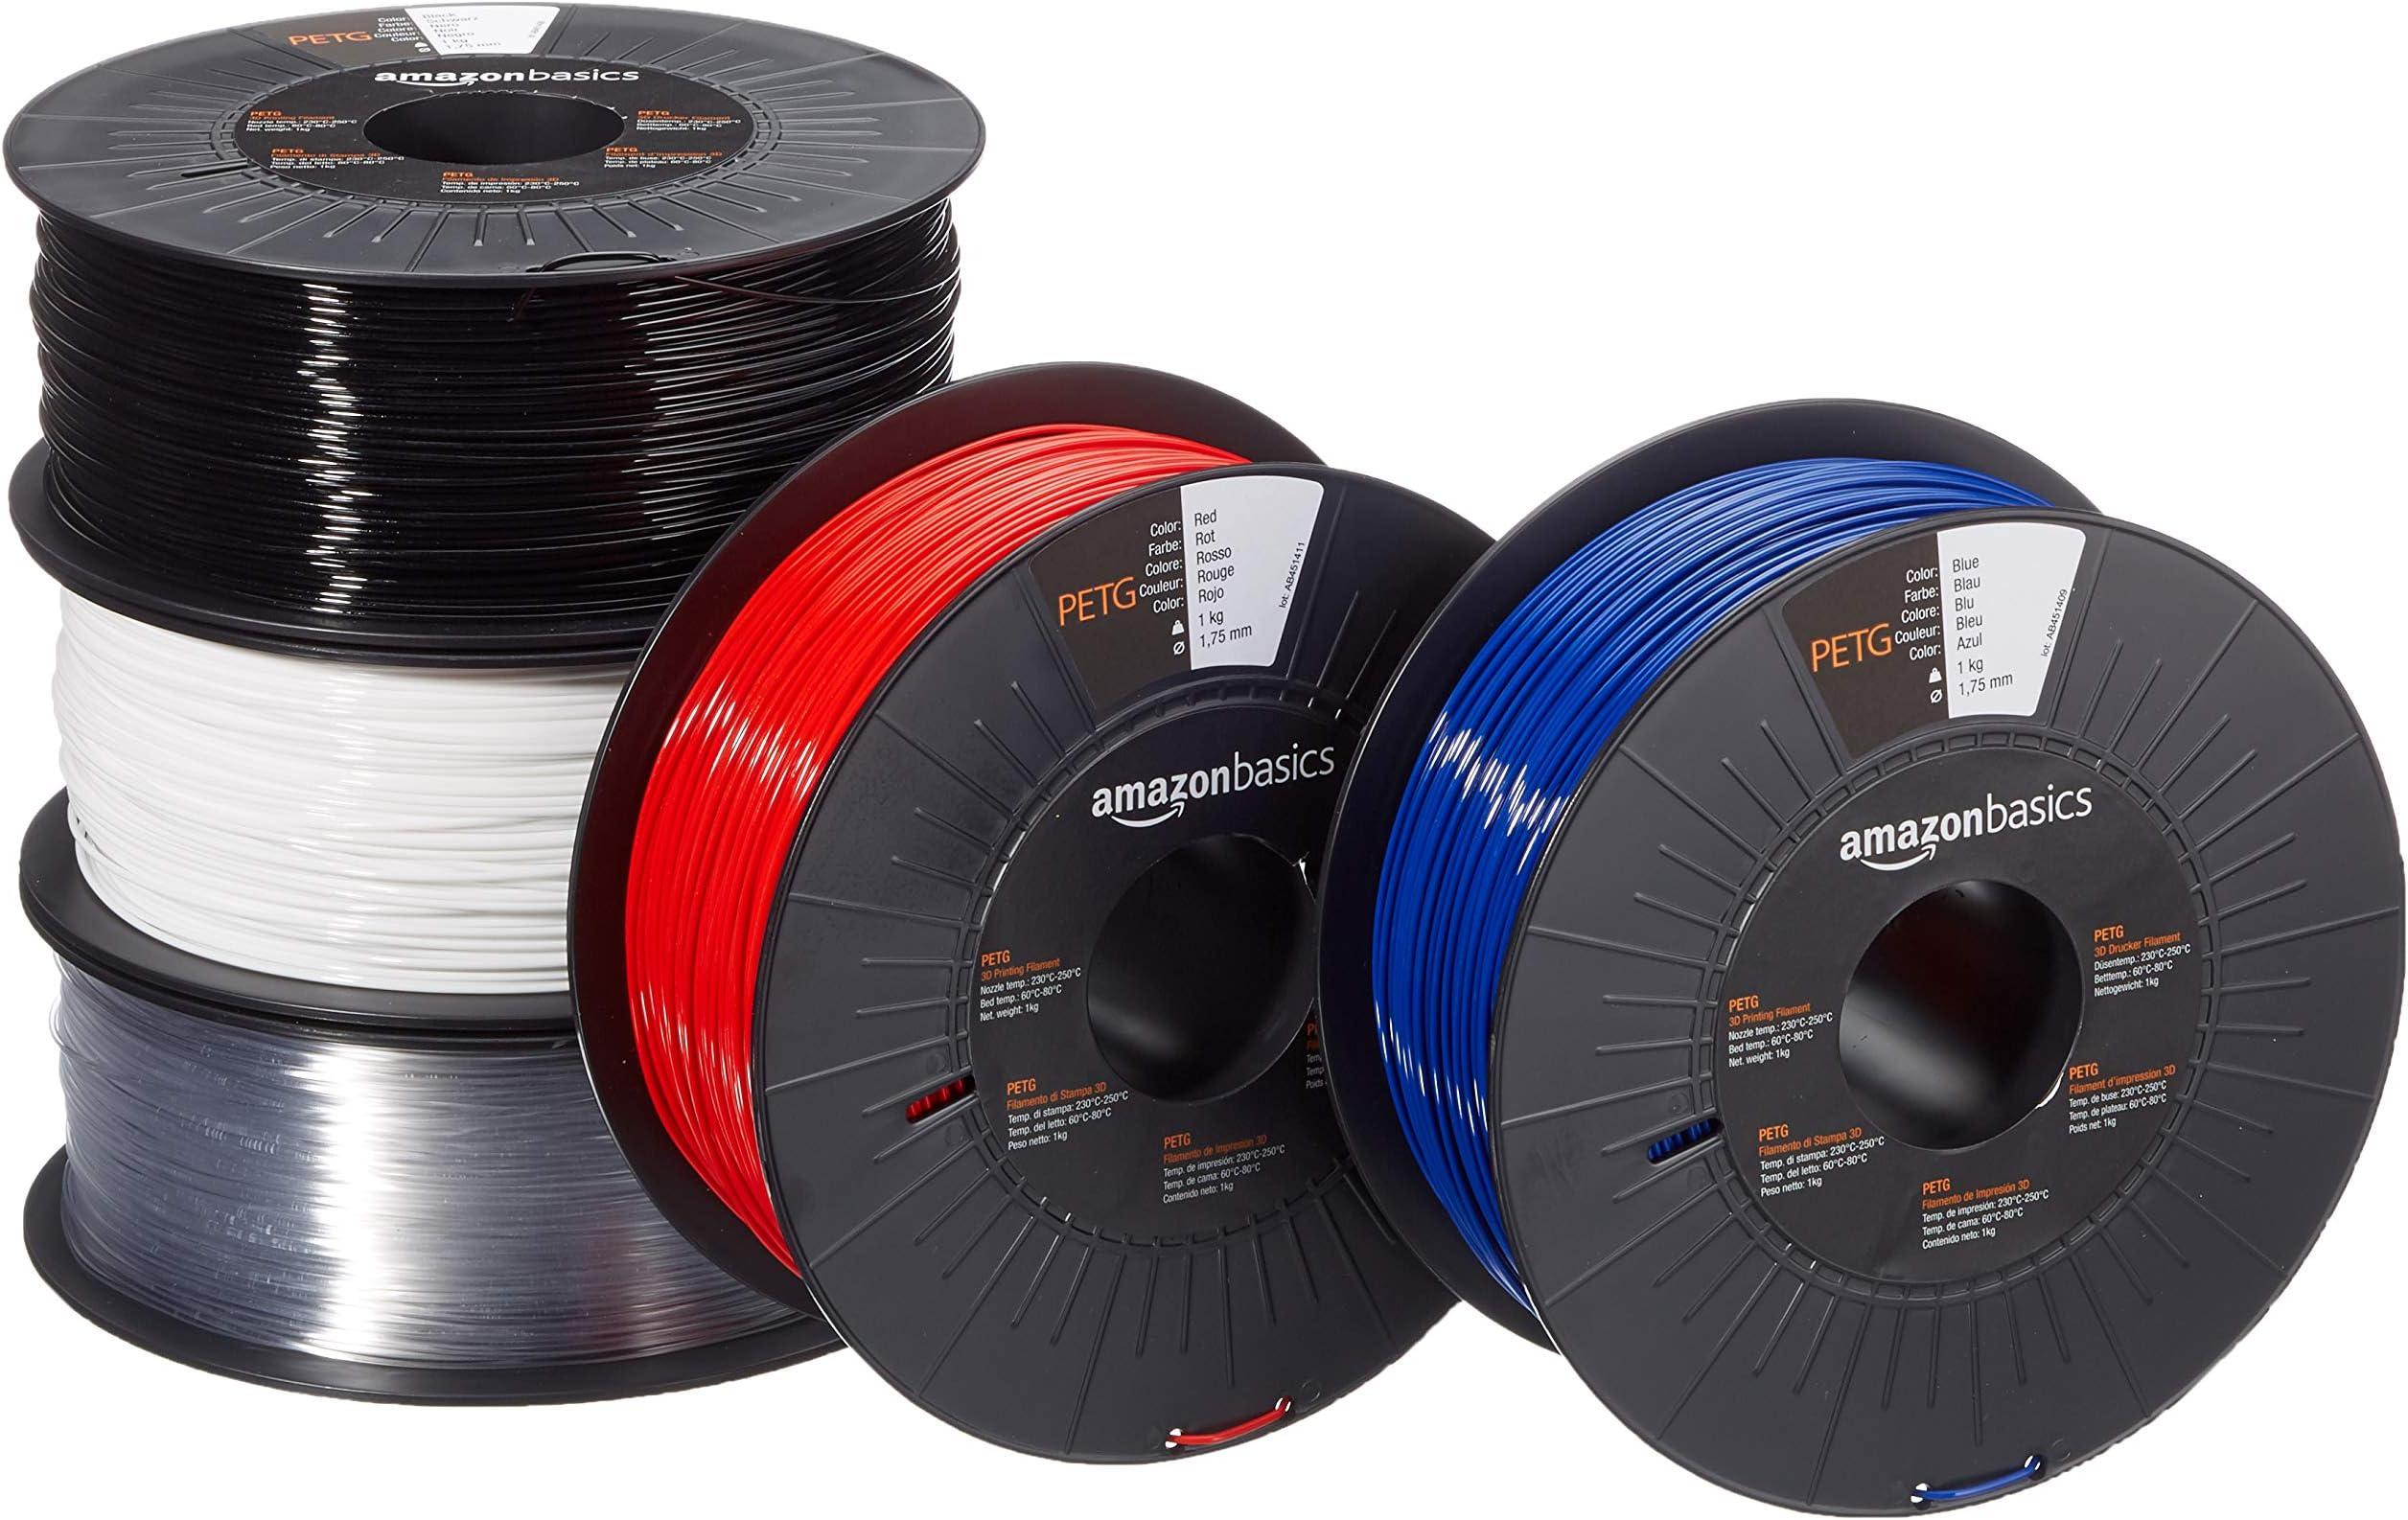 Amazon Basics PETG 3D Printer Filament, 1.75mm, 5 Assorted Colors, 1 kg per Spool, 5 Spools